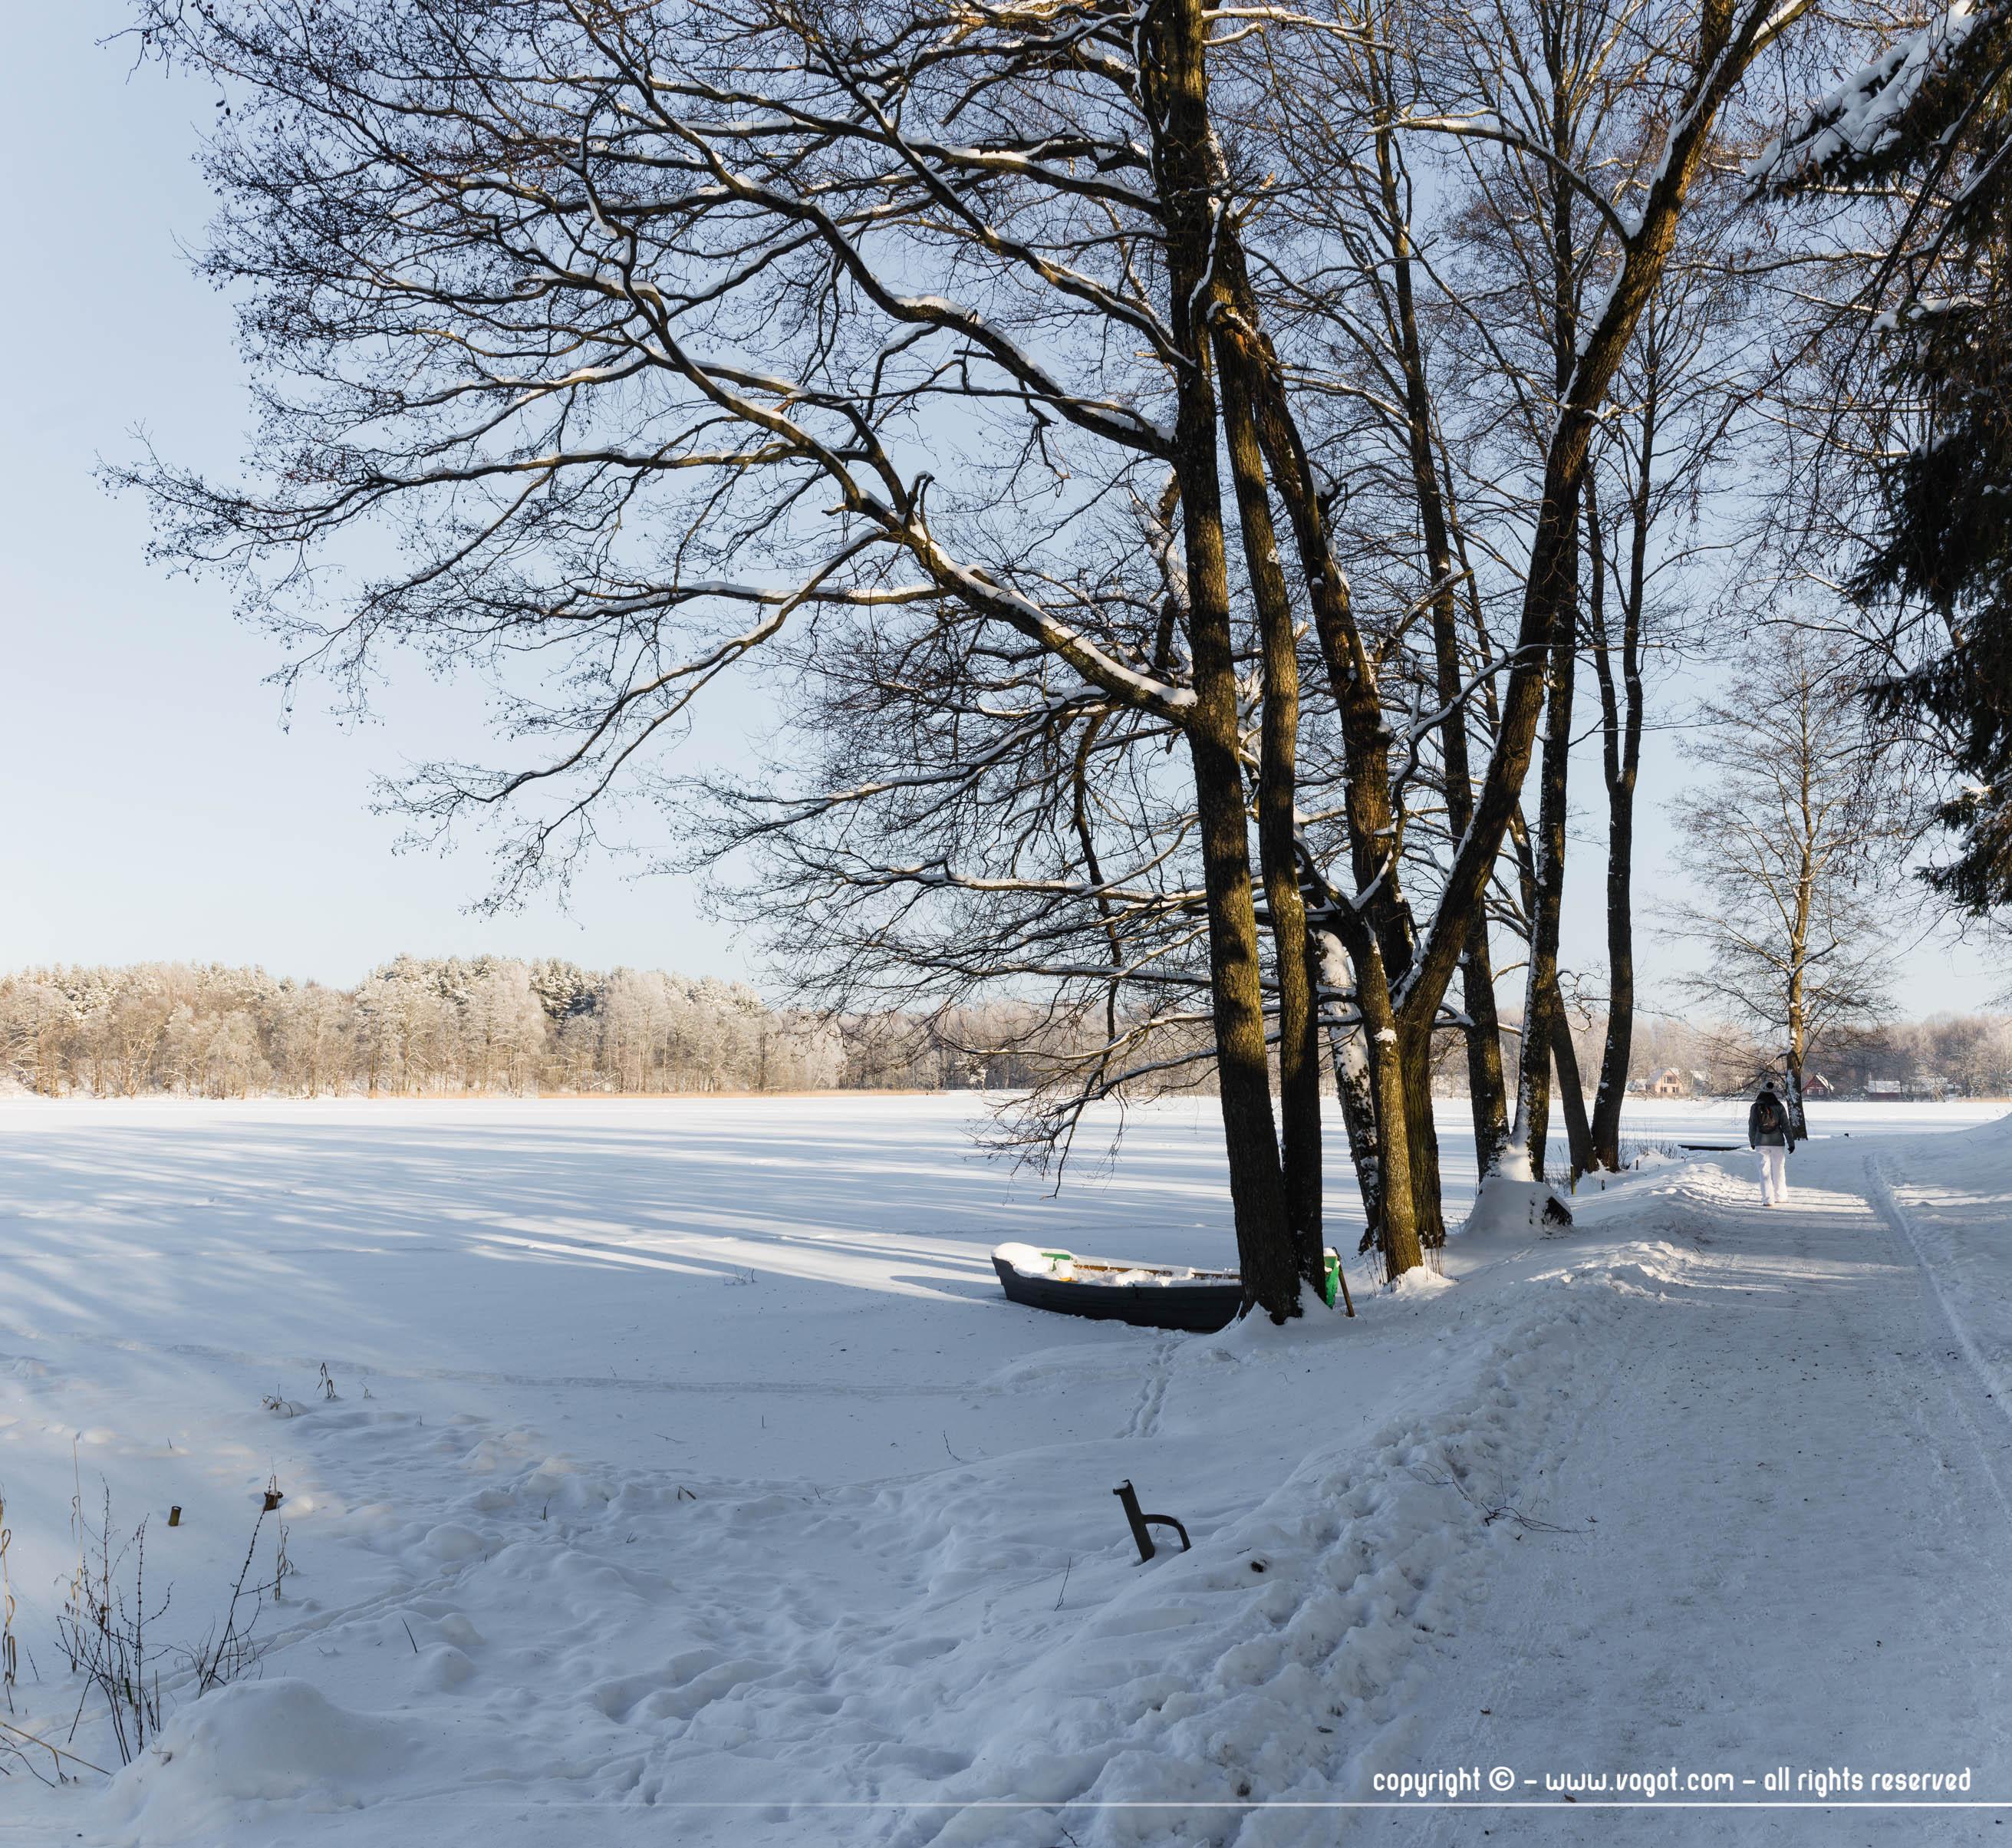 Trakai en hiver - Le soleil s'est levé et des rayons viennent se poser sur le lac gelé